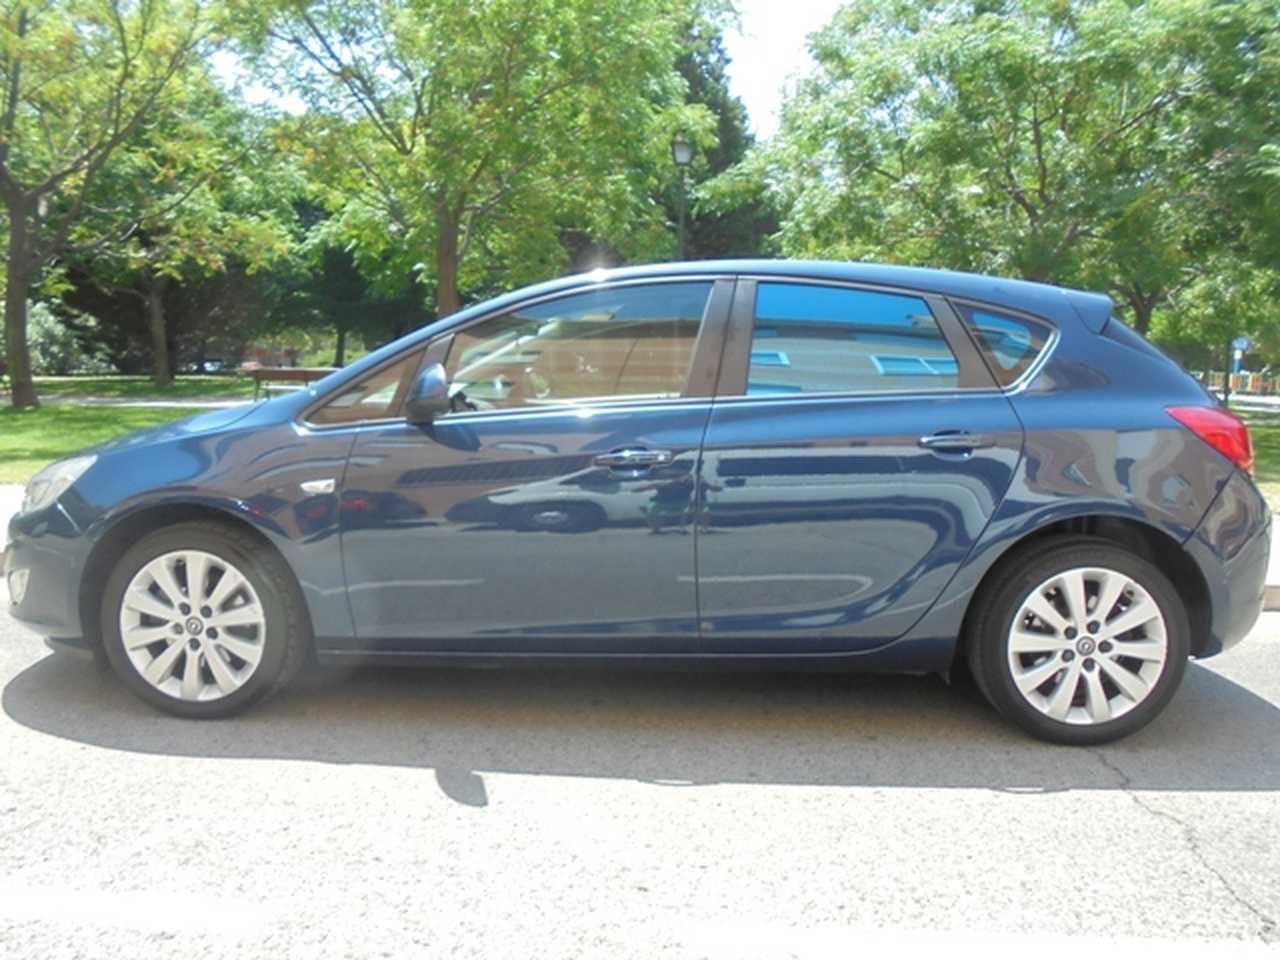 Opel Astra Sedan 1.7   110 cv.   - Foto 1